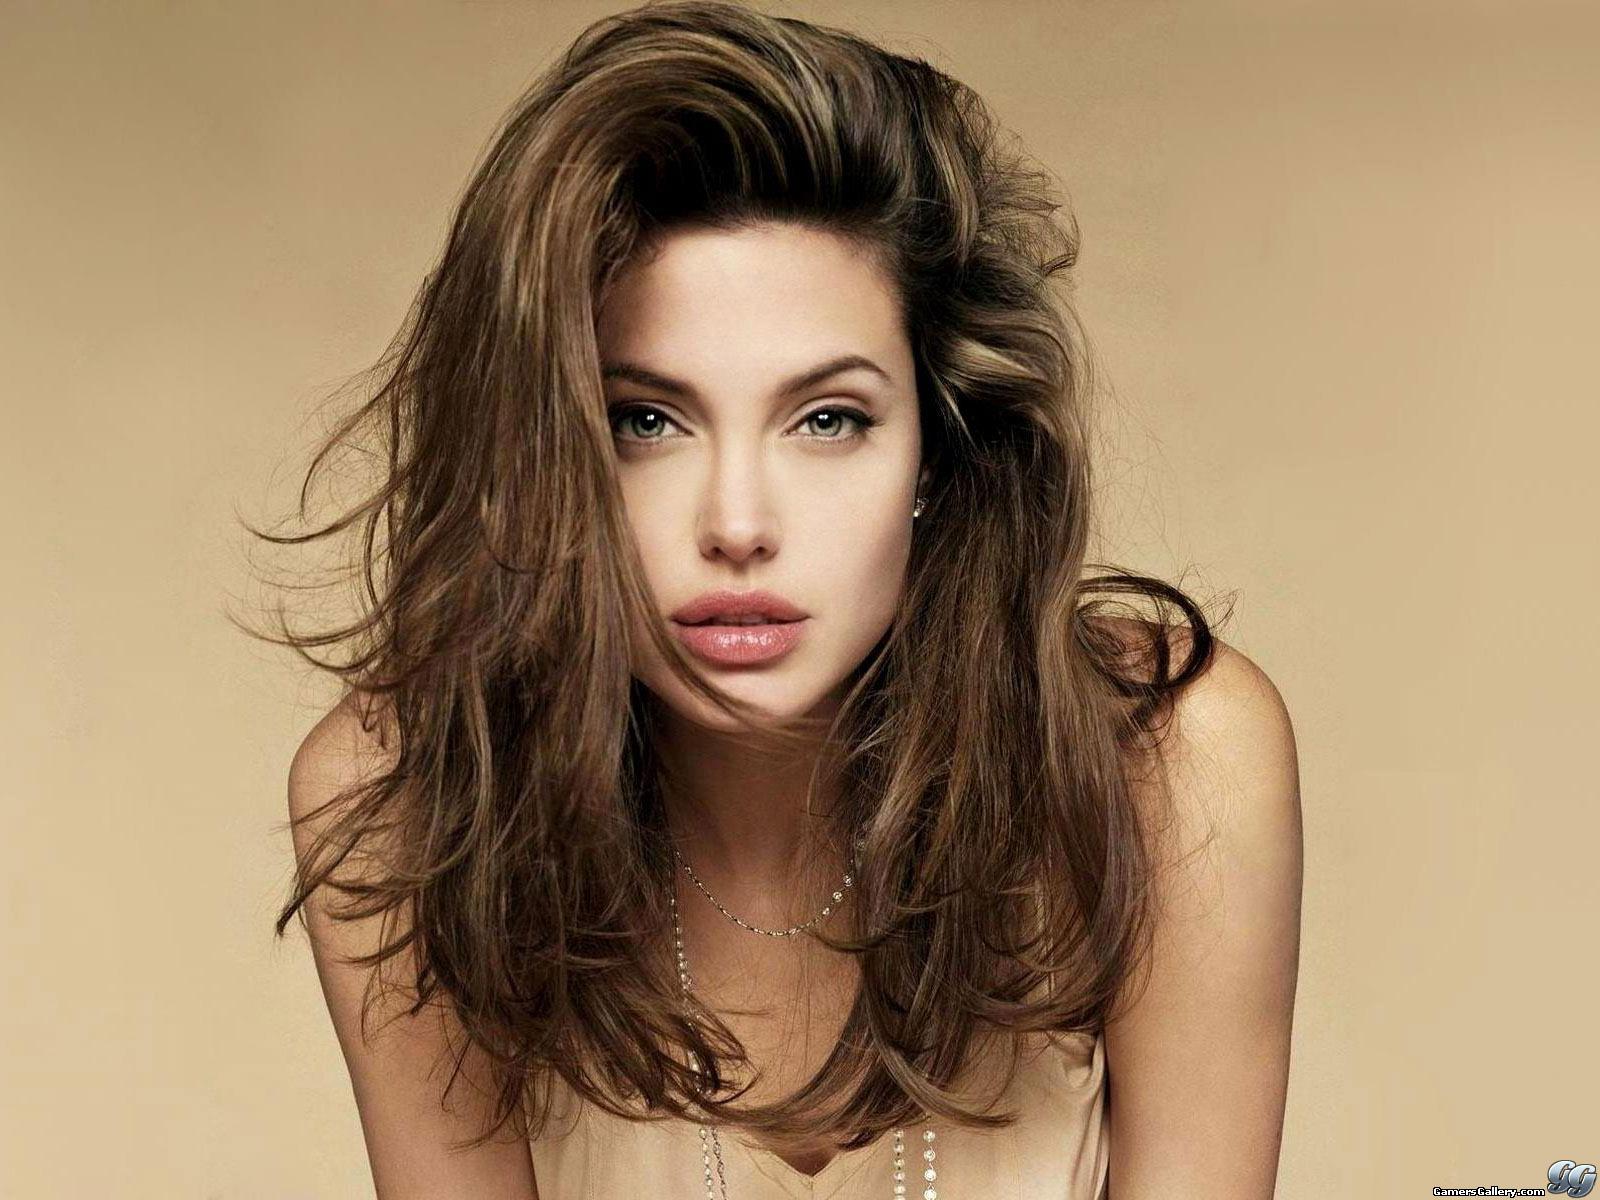 http://4.bp.blogspot.com/-zNyF4OyAwMg/TZ7mGt9mVYI/AAAAAAAAAD8/lwSFjAZpg_8/s1600/coiffure-angelina-jolie.jpg